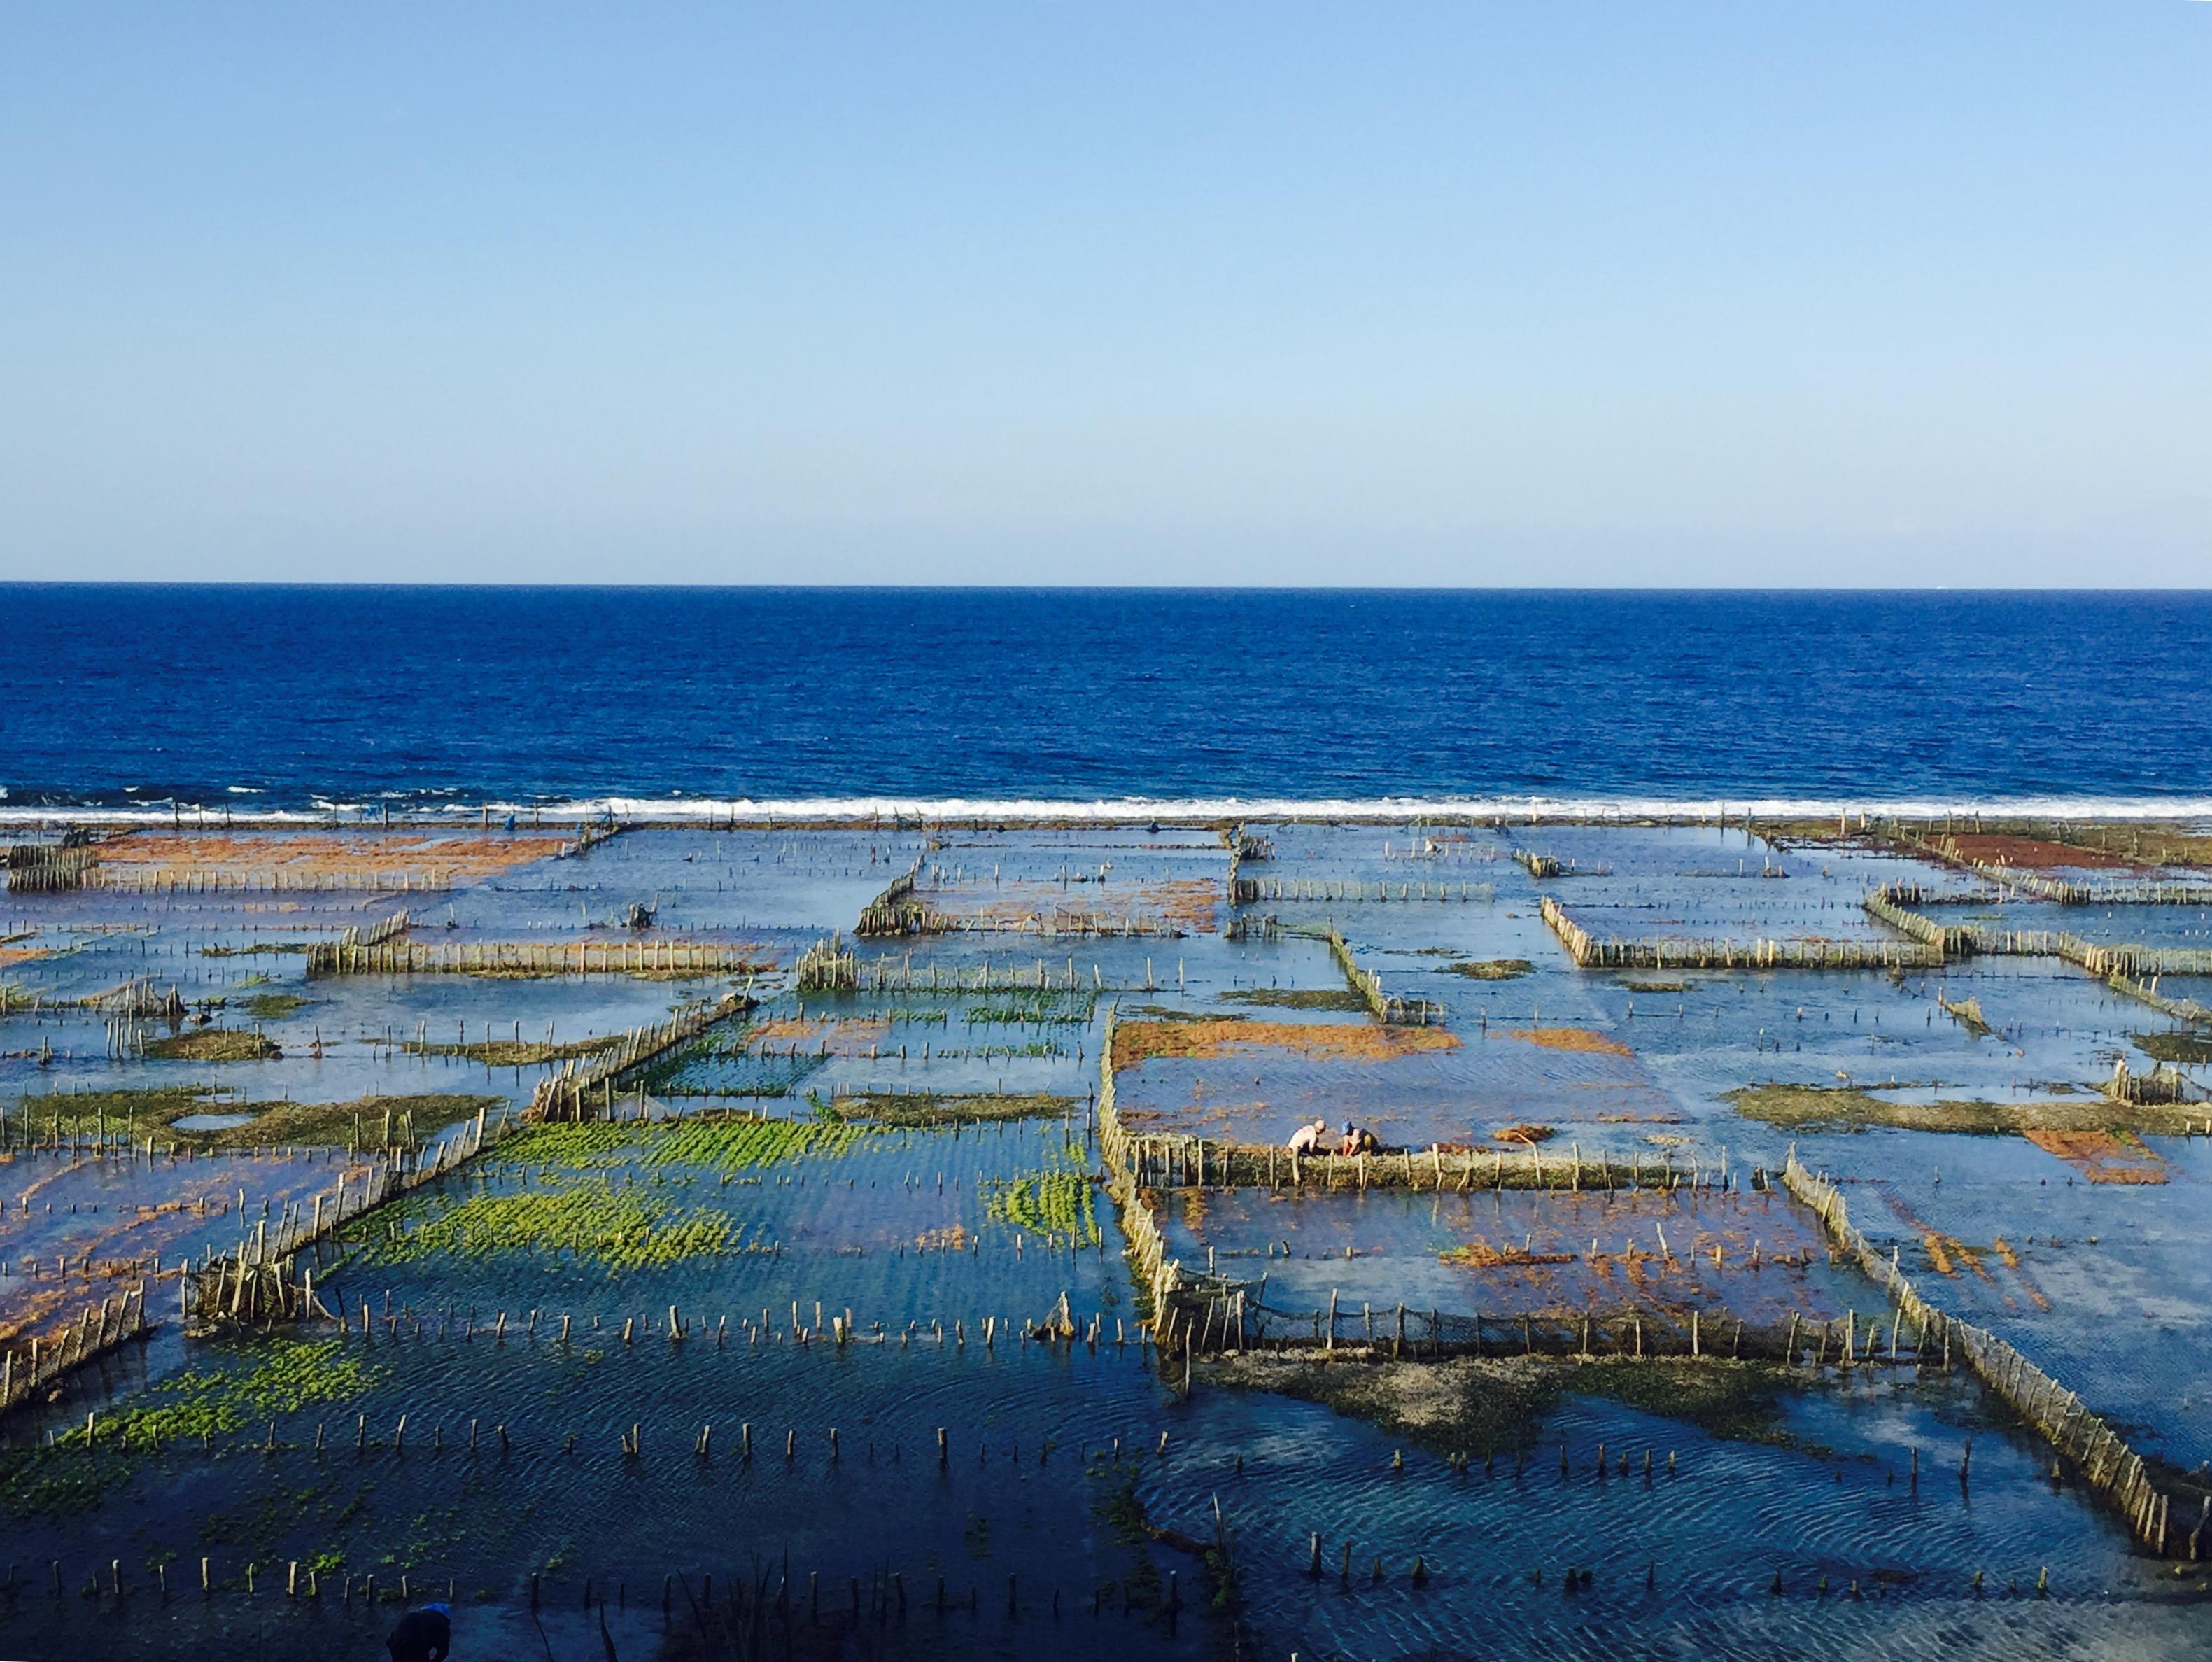 INDONESIA - Eneko Ugarte (Oñati). Nusa Penida irlan, marea jaistean ageri diren alga plantazioak eta bertako jendea lanean.